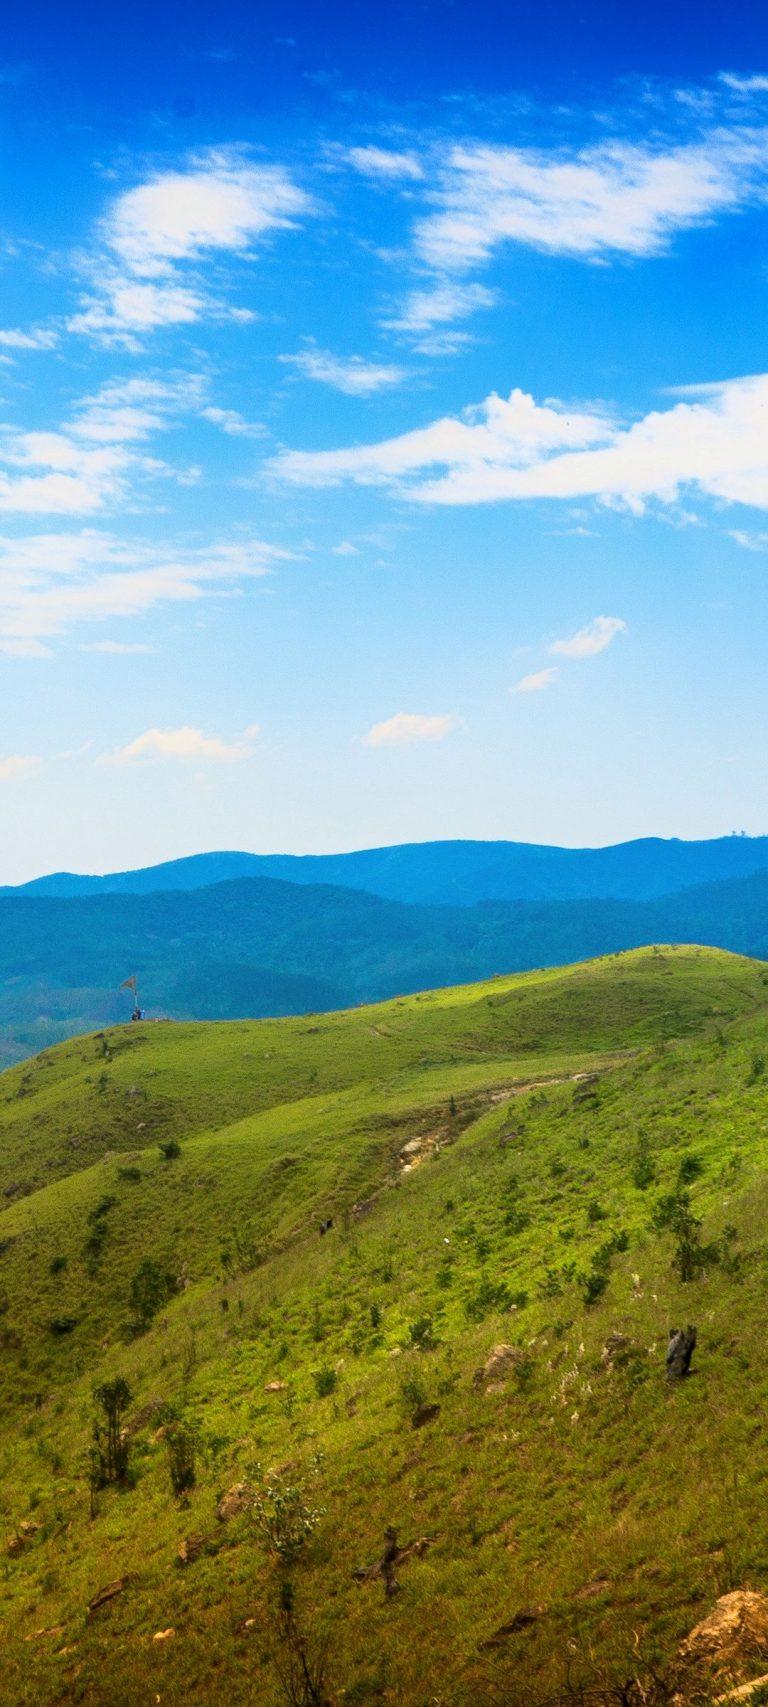 Sao Paulo Brazil Mountains Sky Grass 1080x2400 768x1707